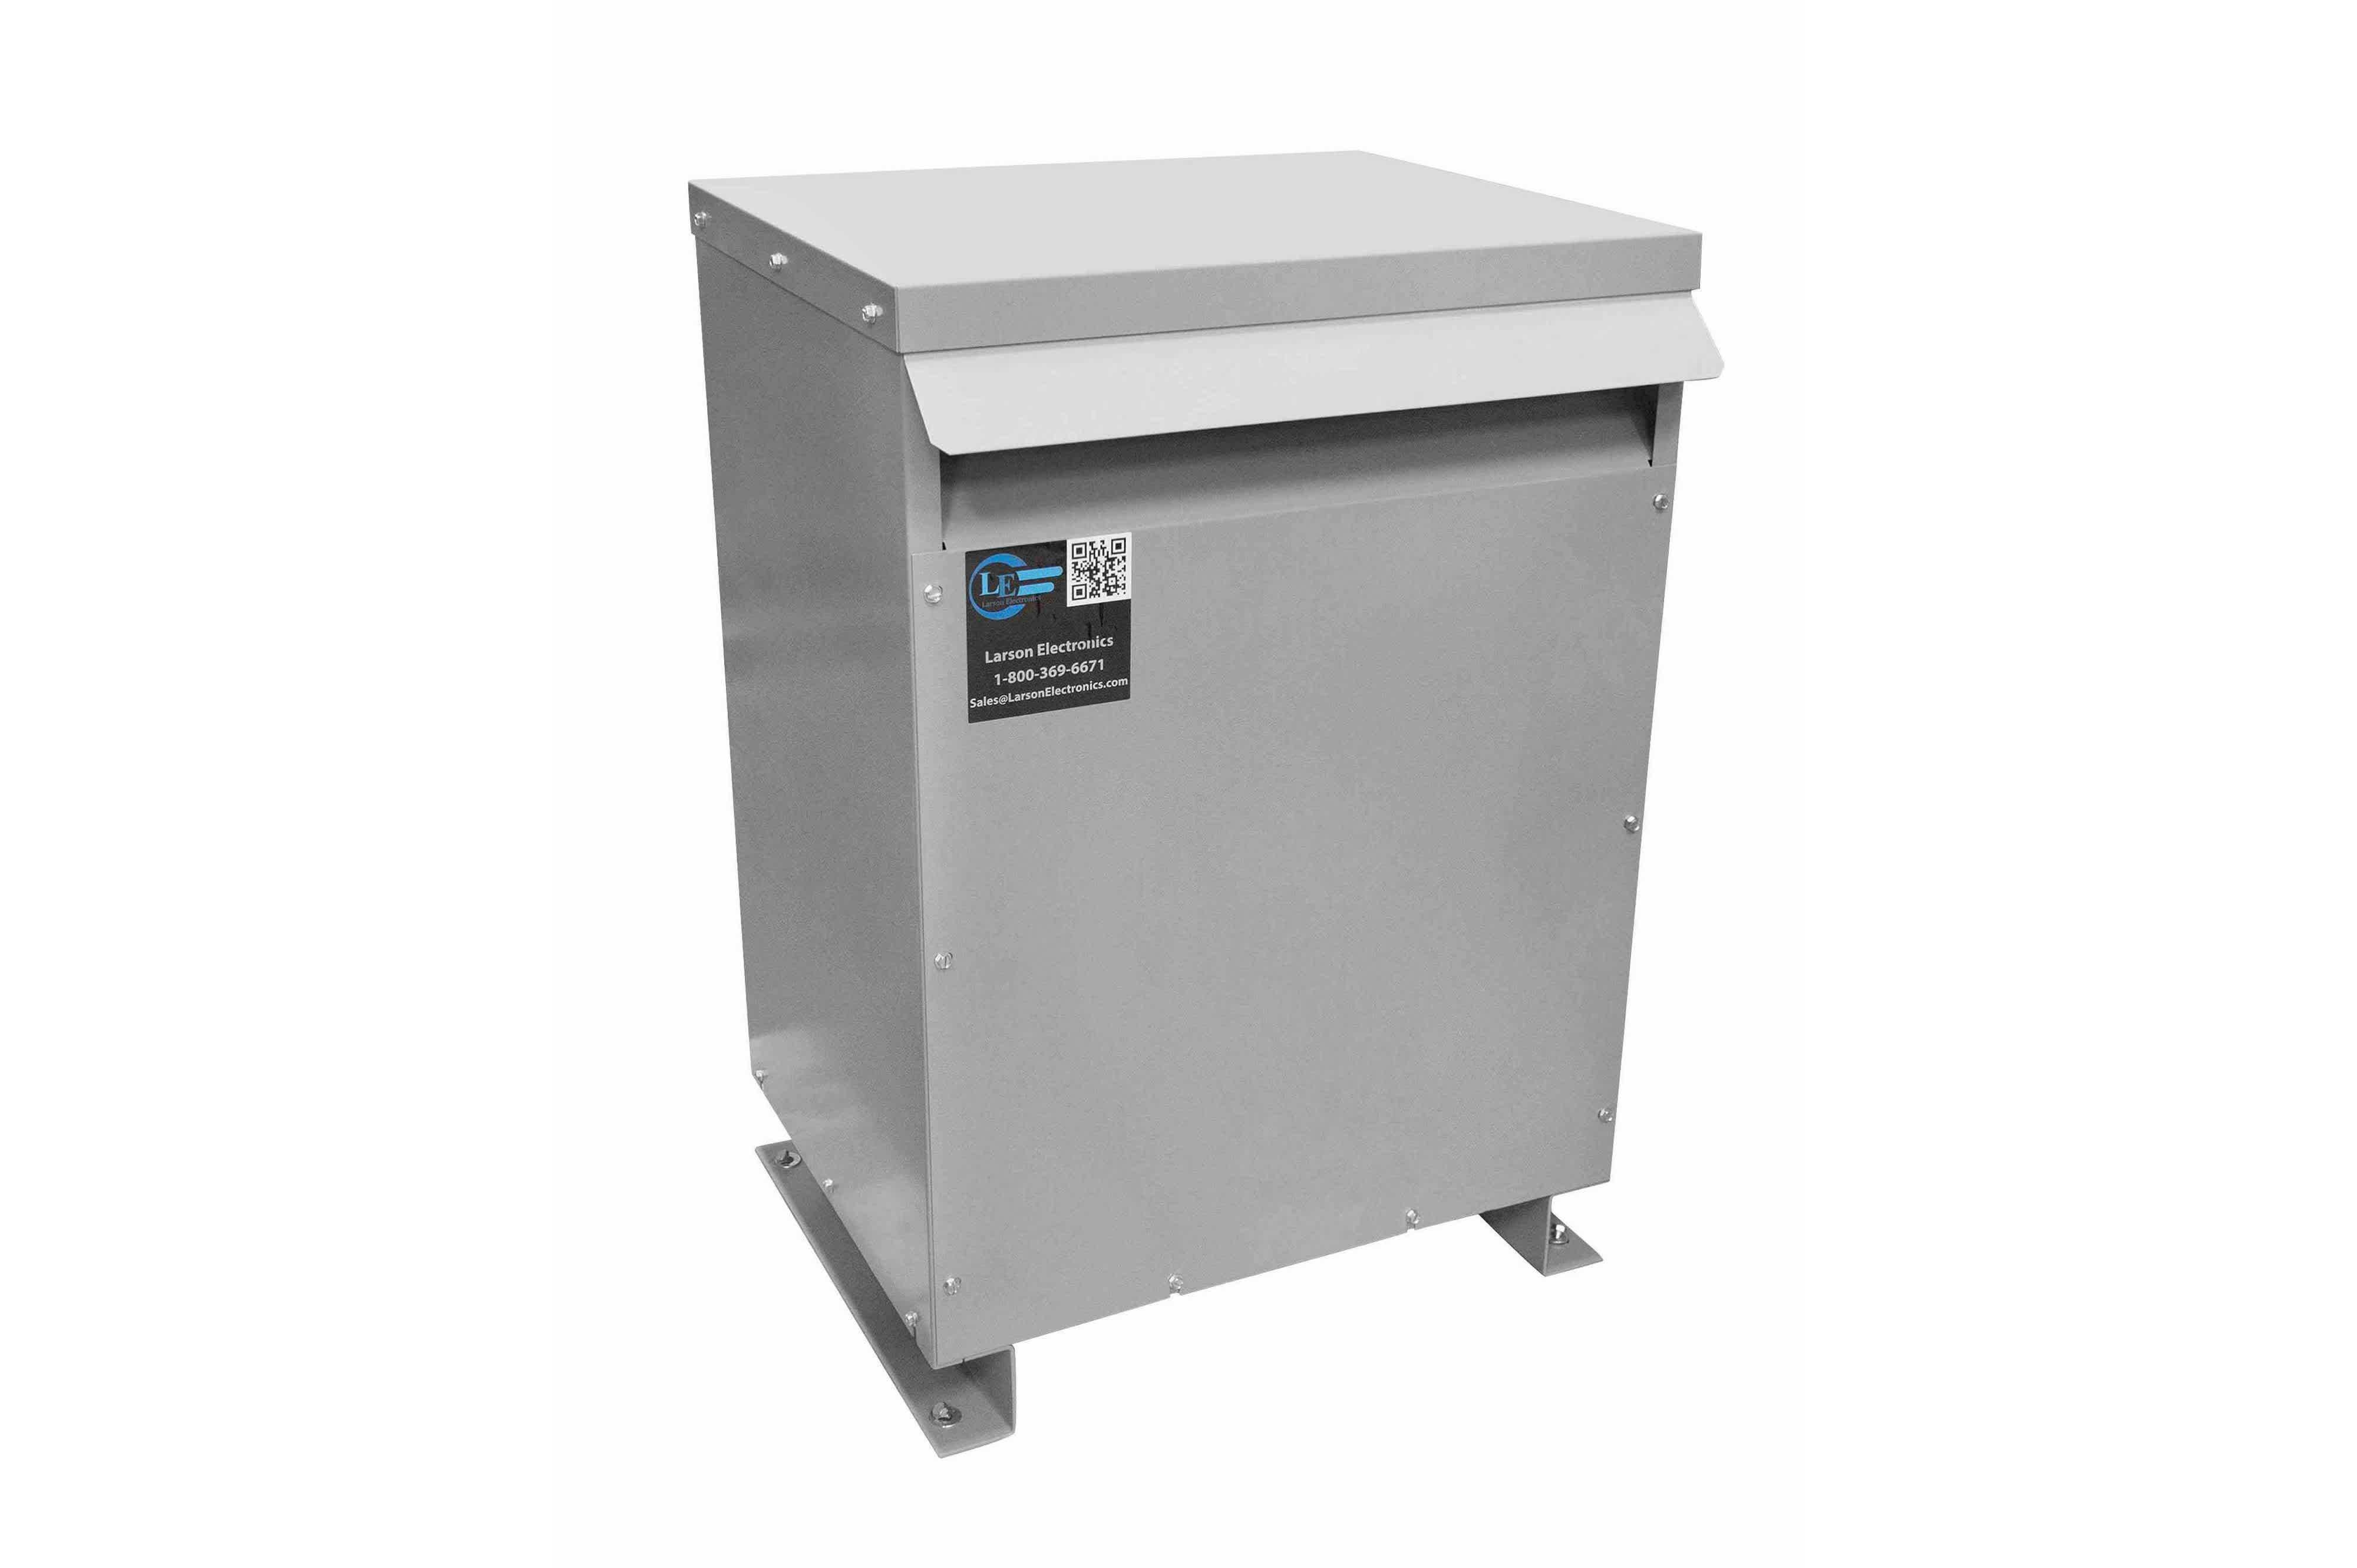 800 kVA 3PH Isolation Transformer, 480V Delta Primary, 208V Delta Secondary, N3R, Ventilated, 60 Hz